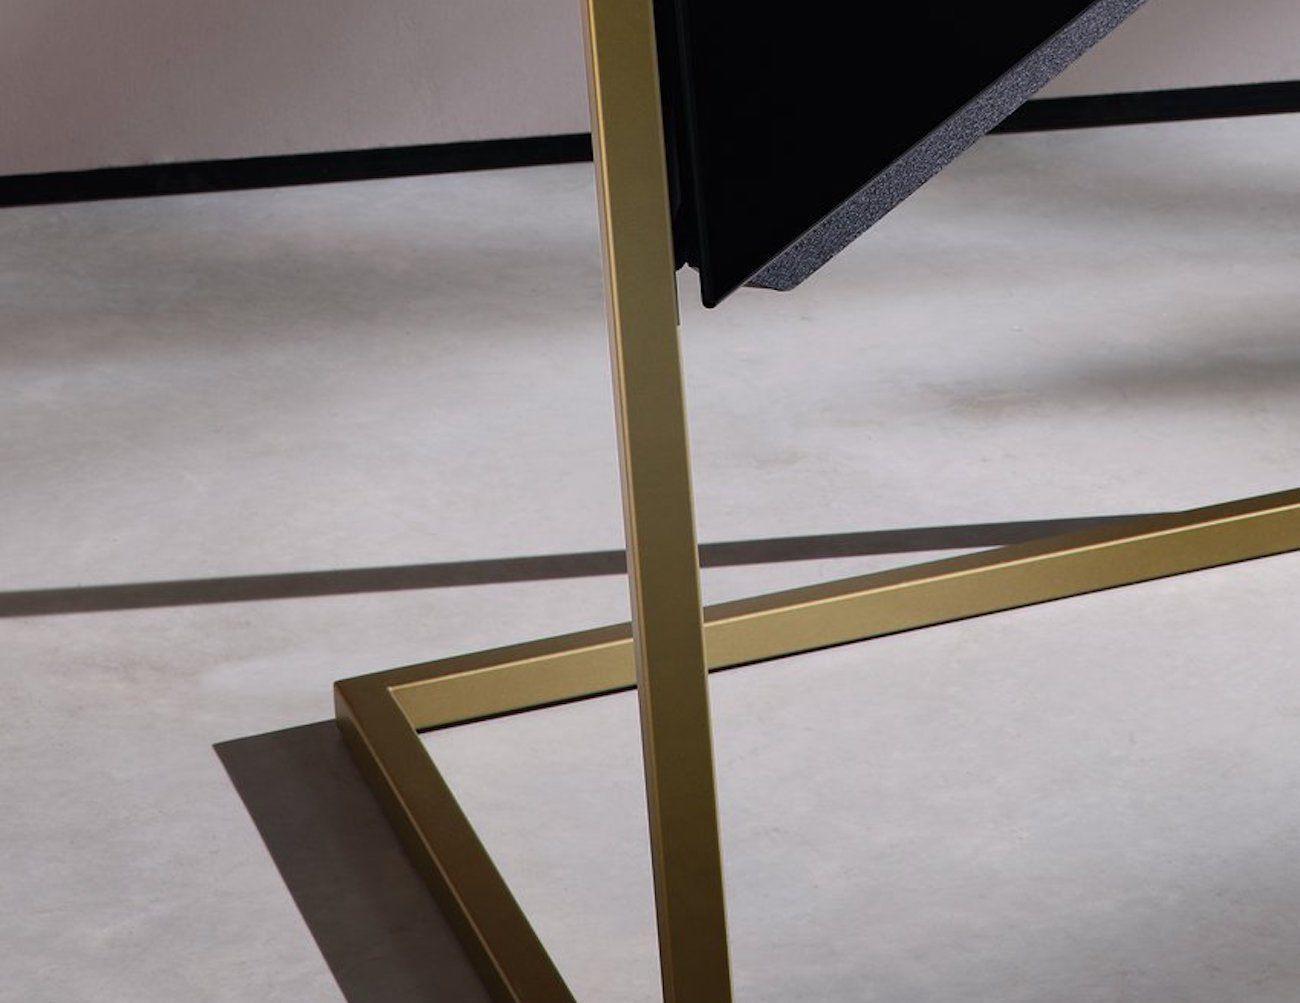 loewe bild 9 oled tv gadget flow. Black Bedroom Furniture Sets. Home Design Ideas